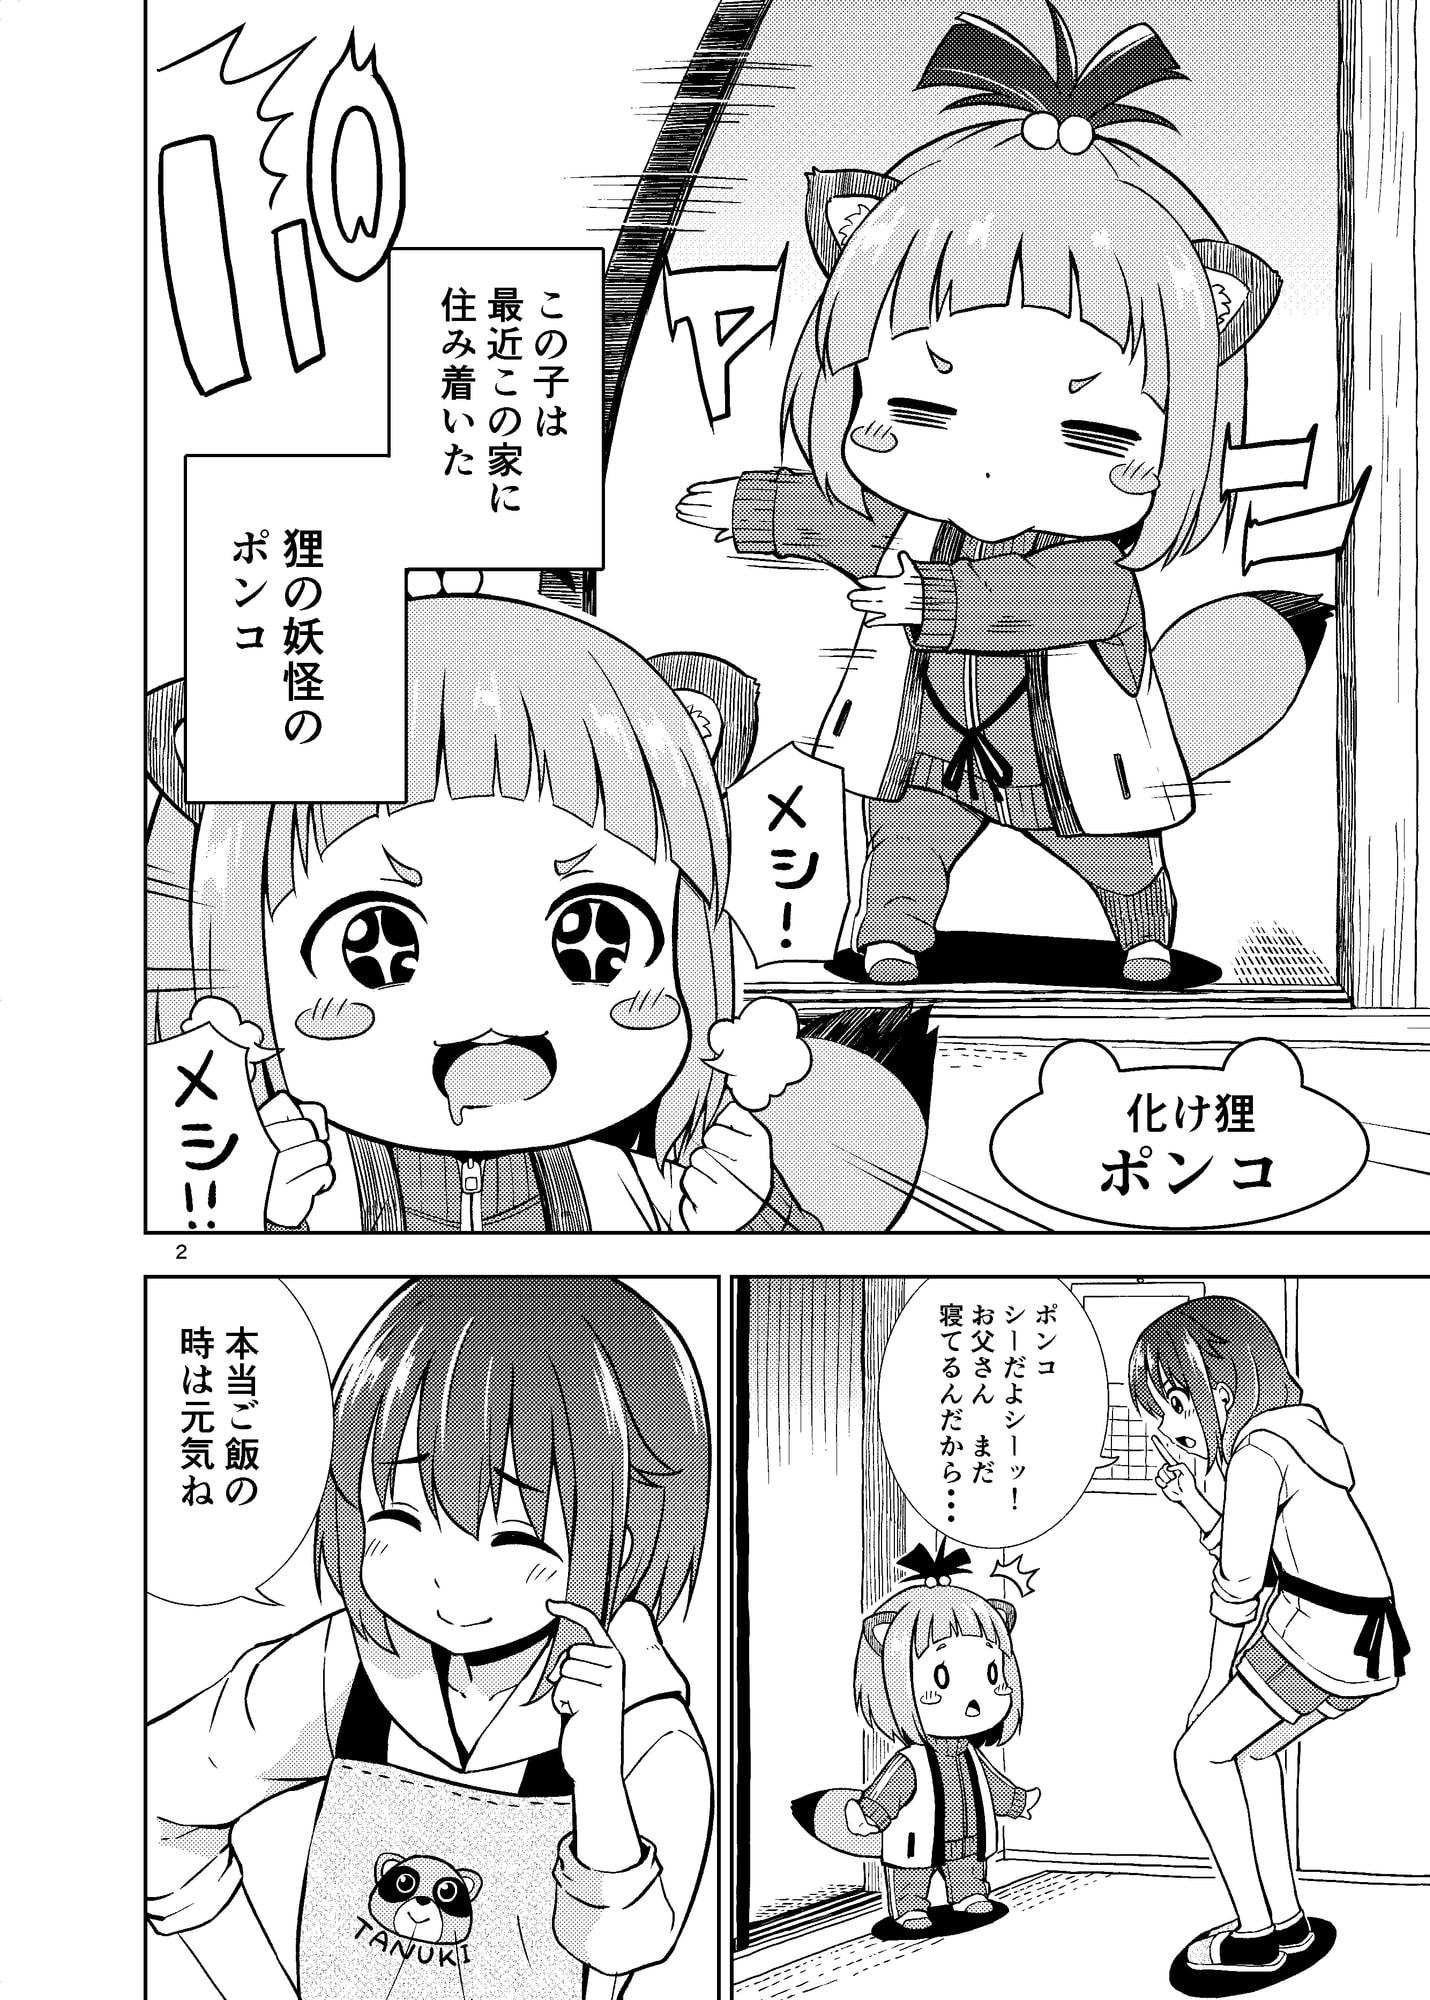 ポンポンポンコ!いち(商品番号:RJ349765)